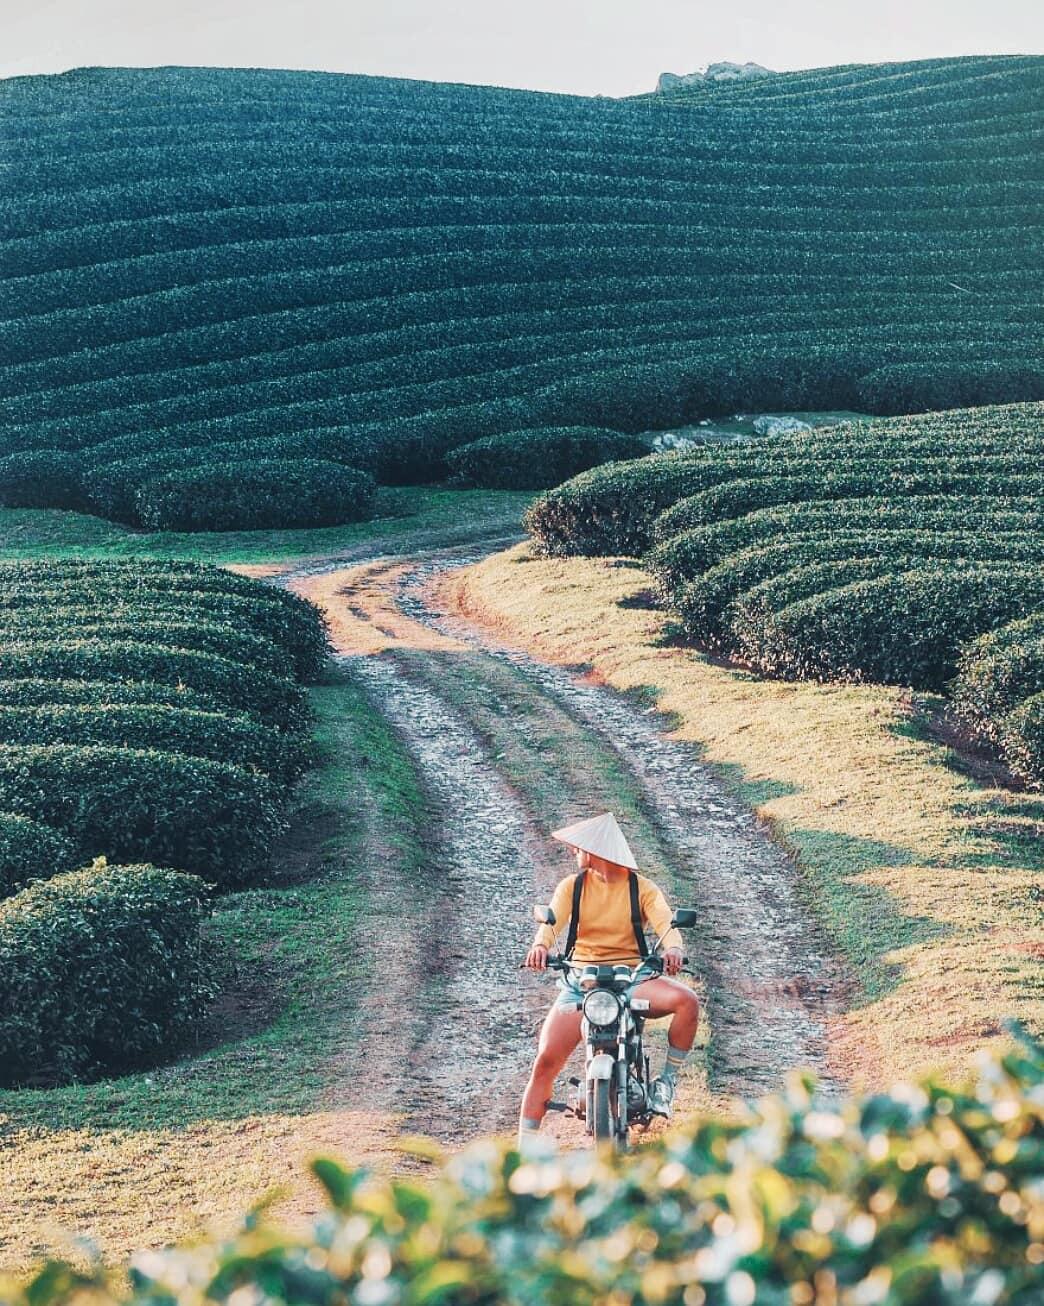 Những đồi chè Mộc Châu xanh ngát. Hình: @soaipham